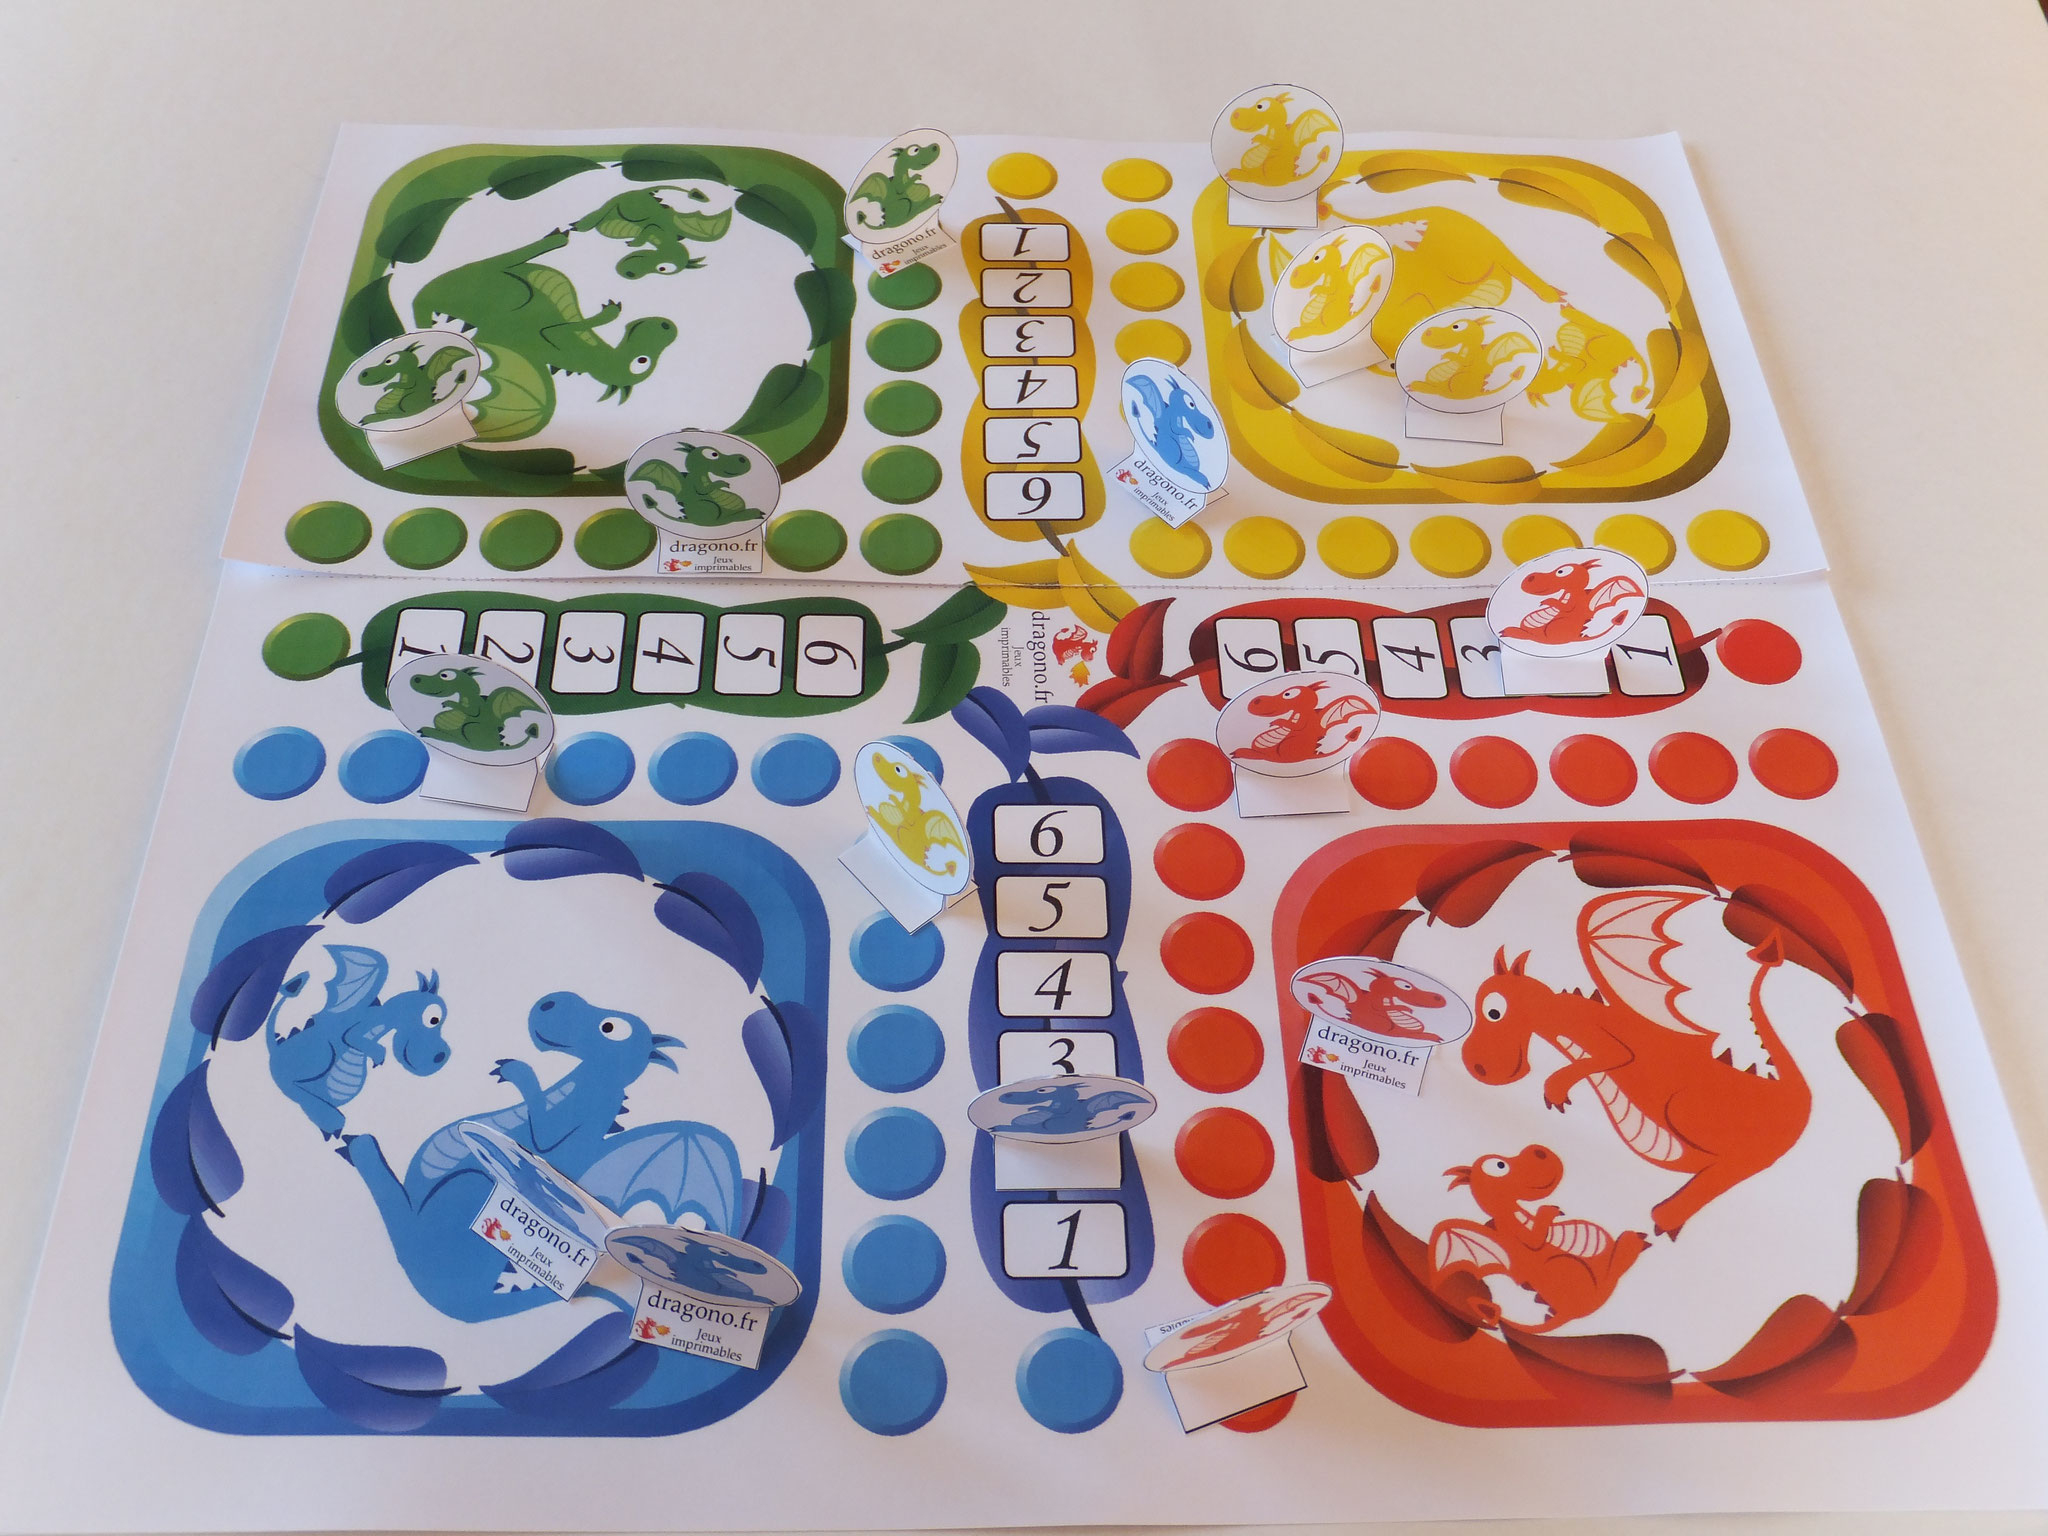 Jeux A Imprimer Pour Enfants, Famille, Ludiques, Éducatifs encequiconcerne Jeux Gratuit Pour Fille De 5 Ans